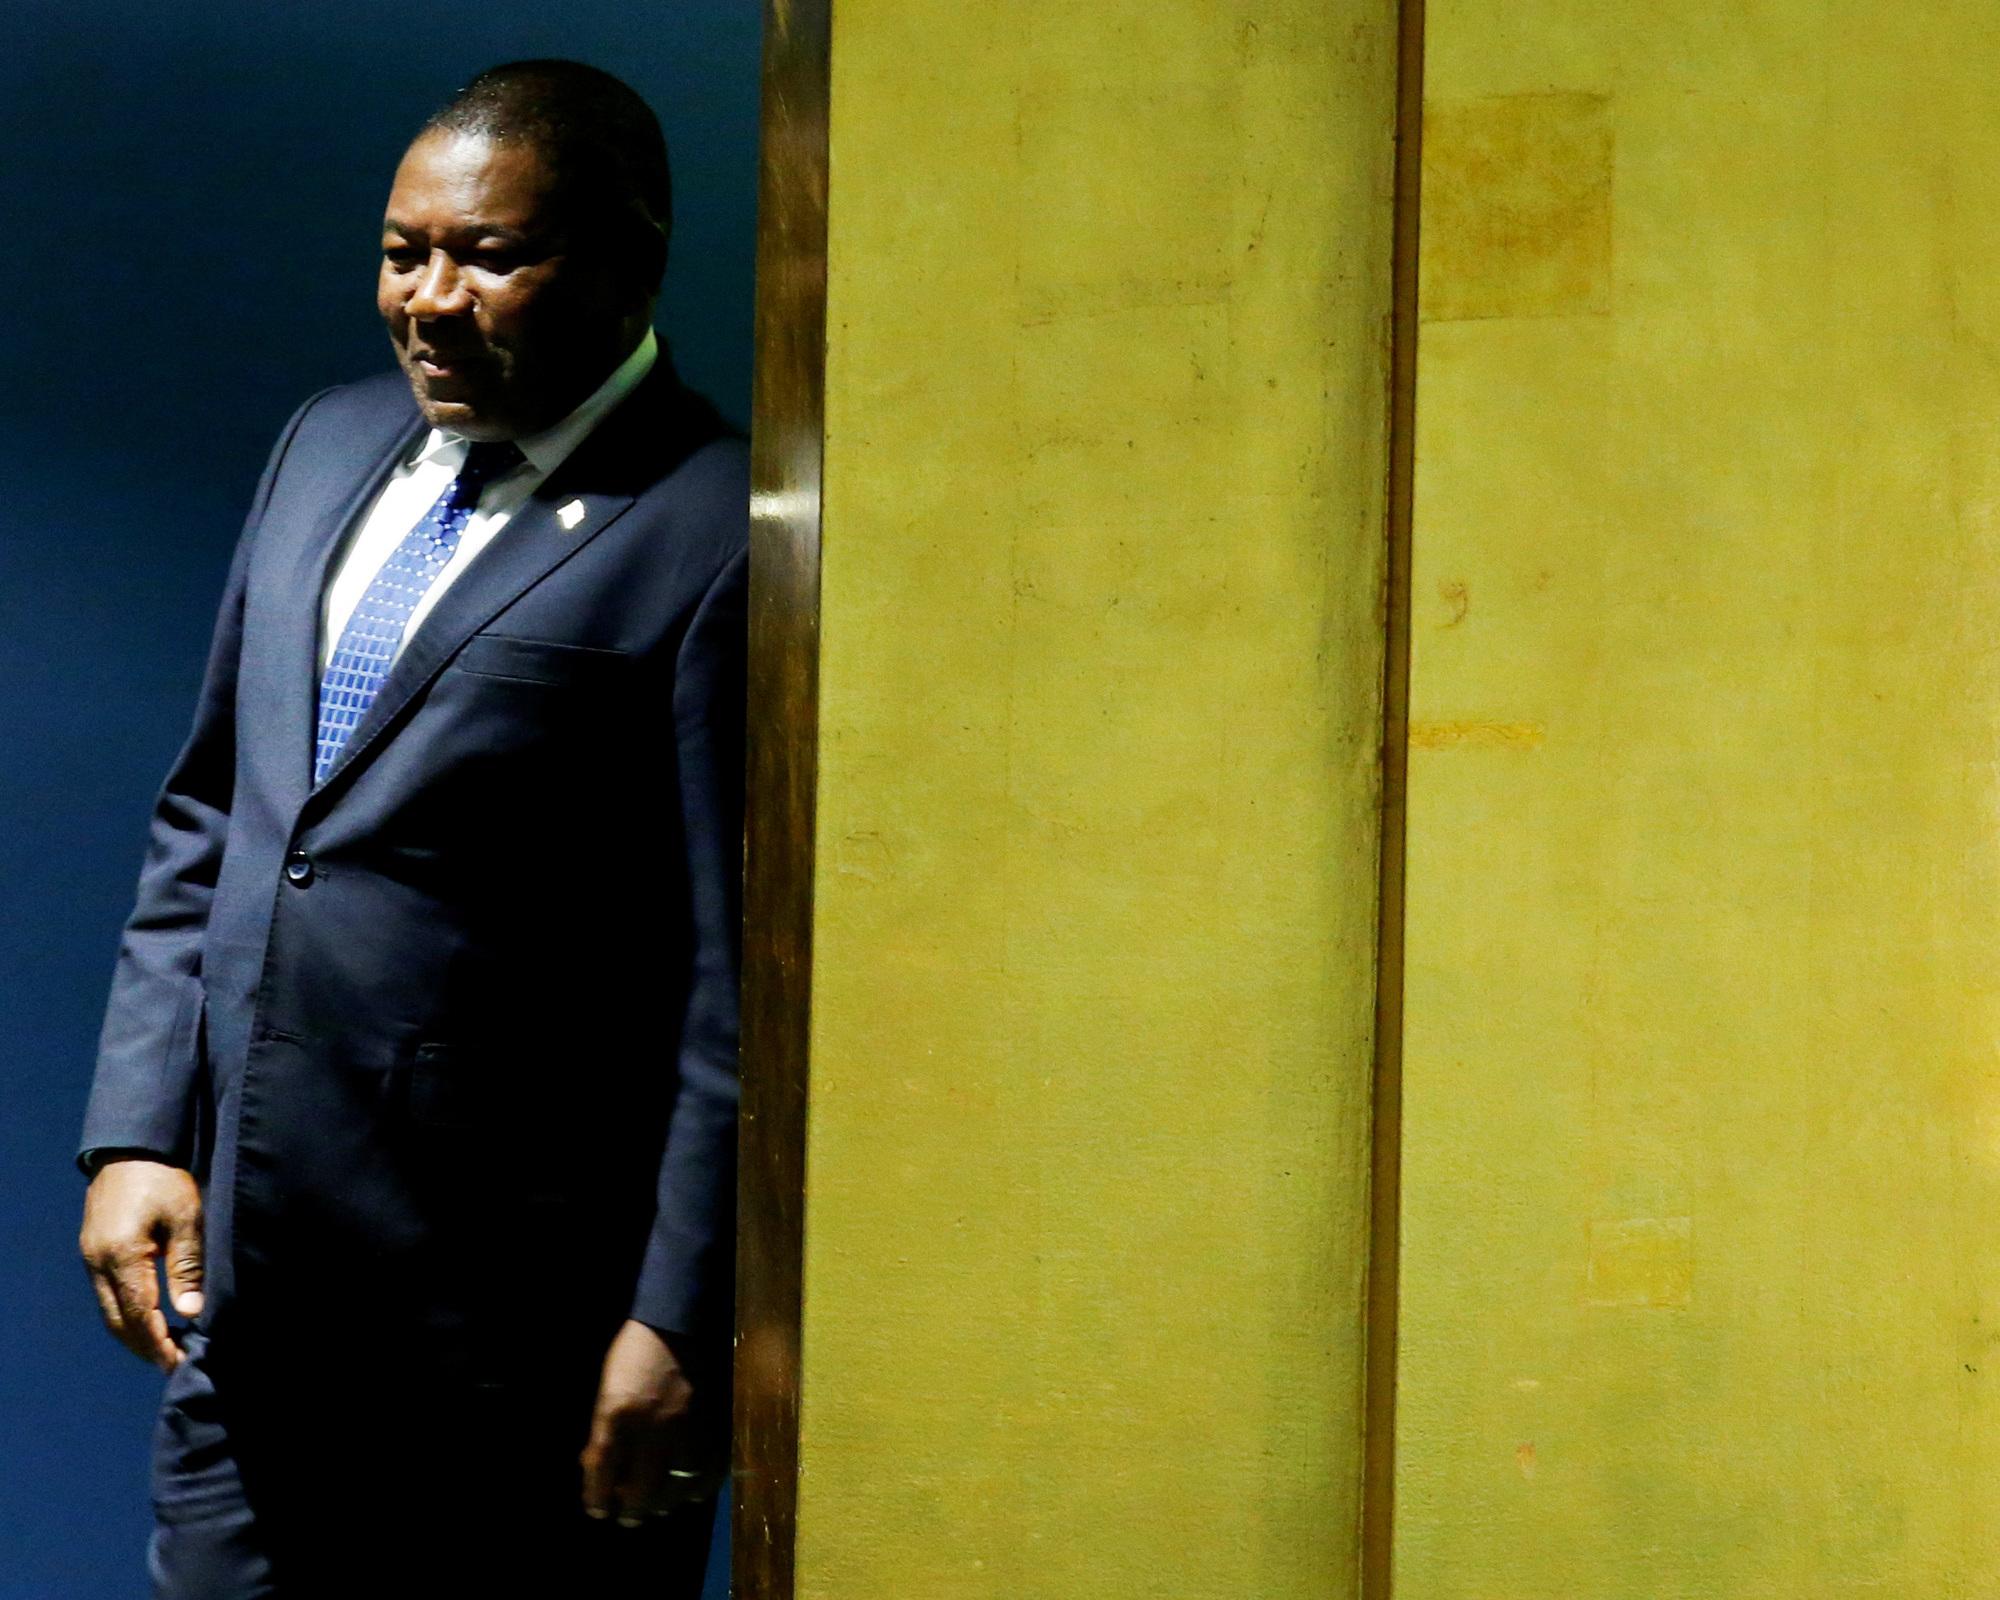 Le président, Filipe Nyusi, était ministre de la Défense à l'époque des faits, mais son nom n'apparaît pas dans la procédure.